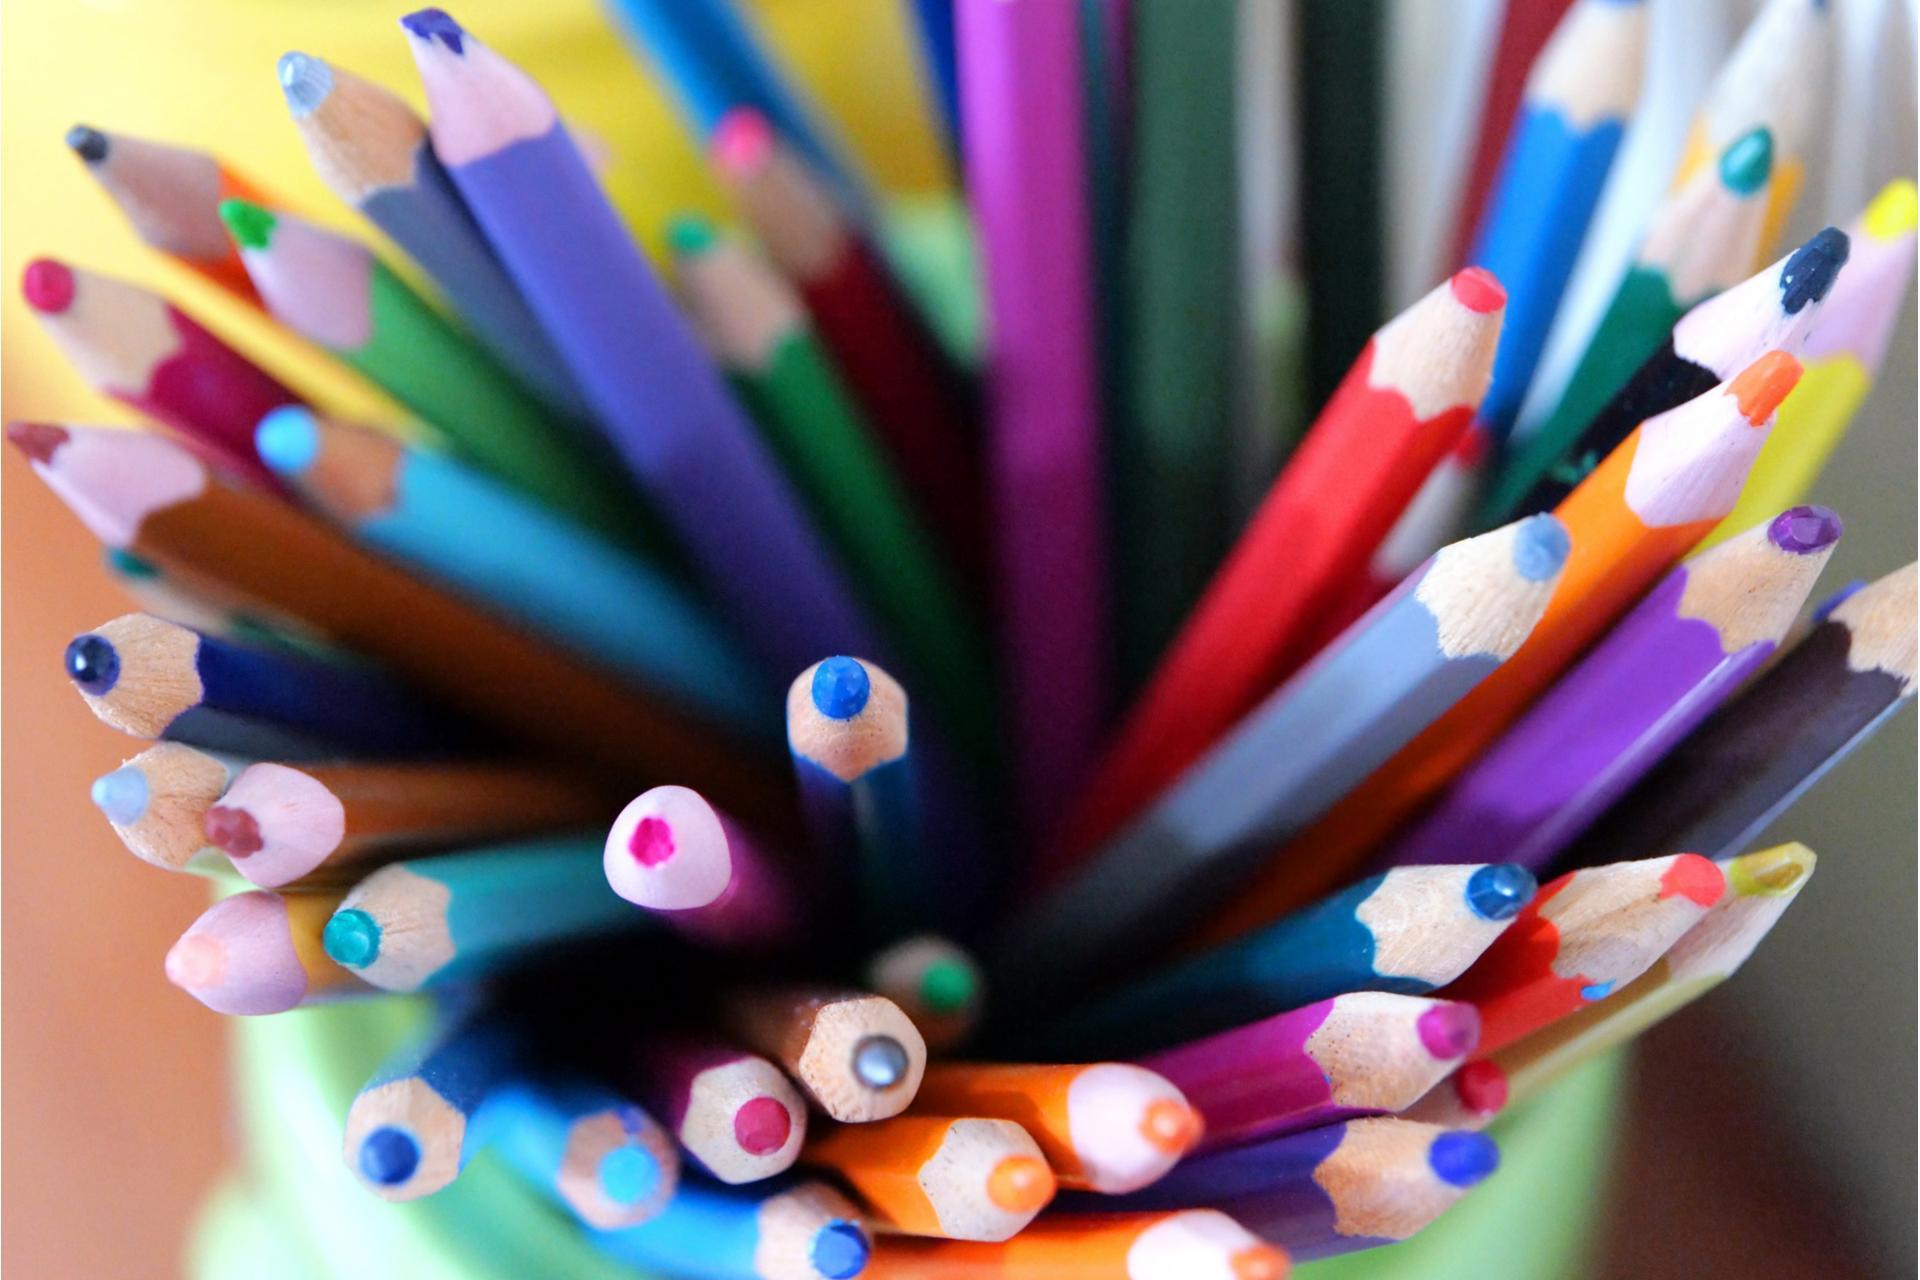 Kindergarten (c) www.pixabay.com